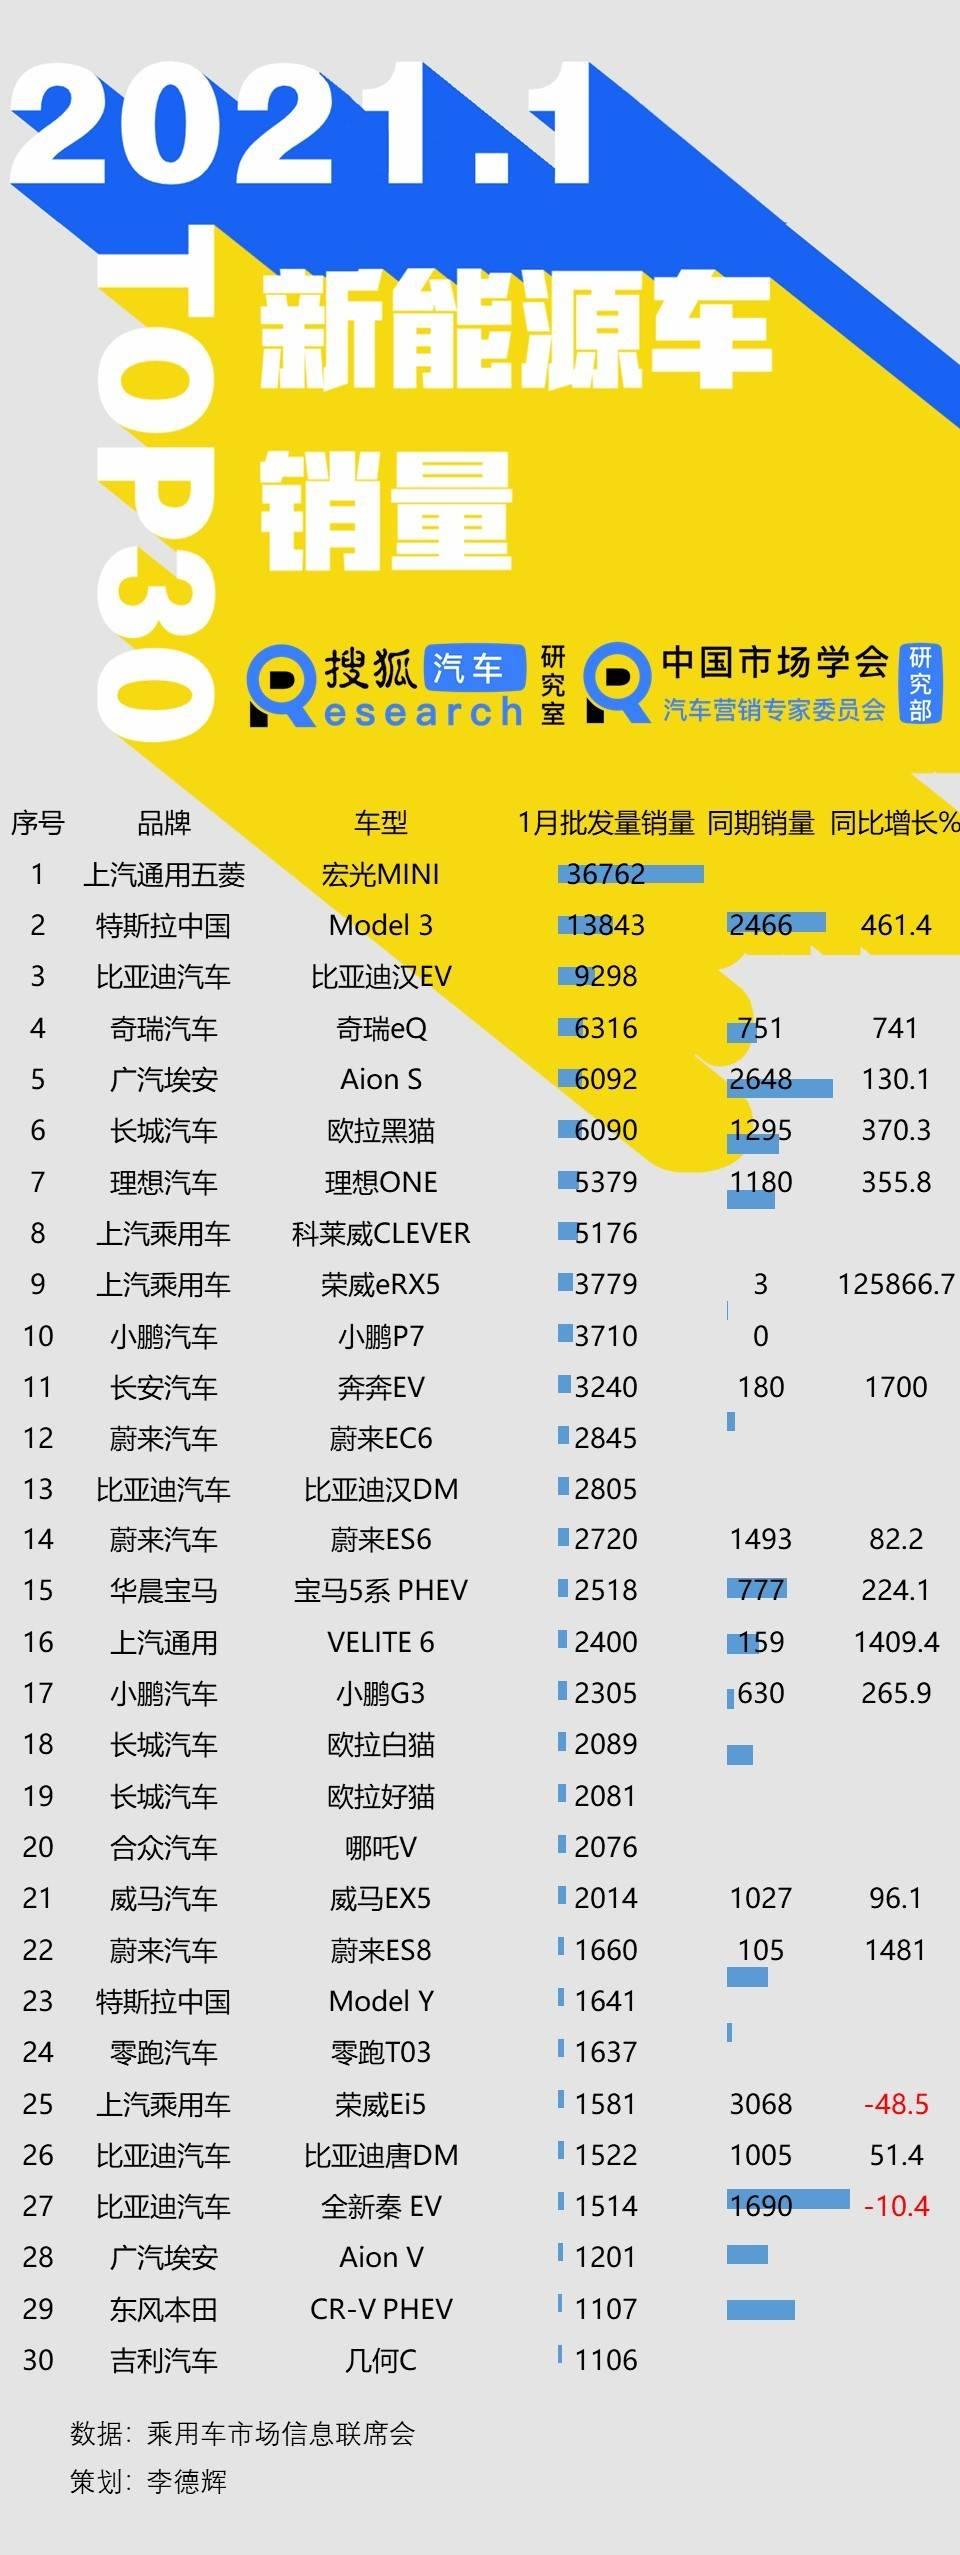 1月新能源批发量TOP30:宏光MINI扩大领先优势 比亚迪汉EV与Model 3缩小差距